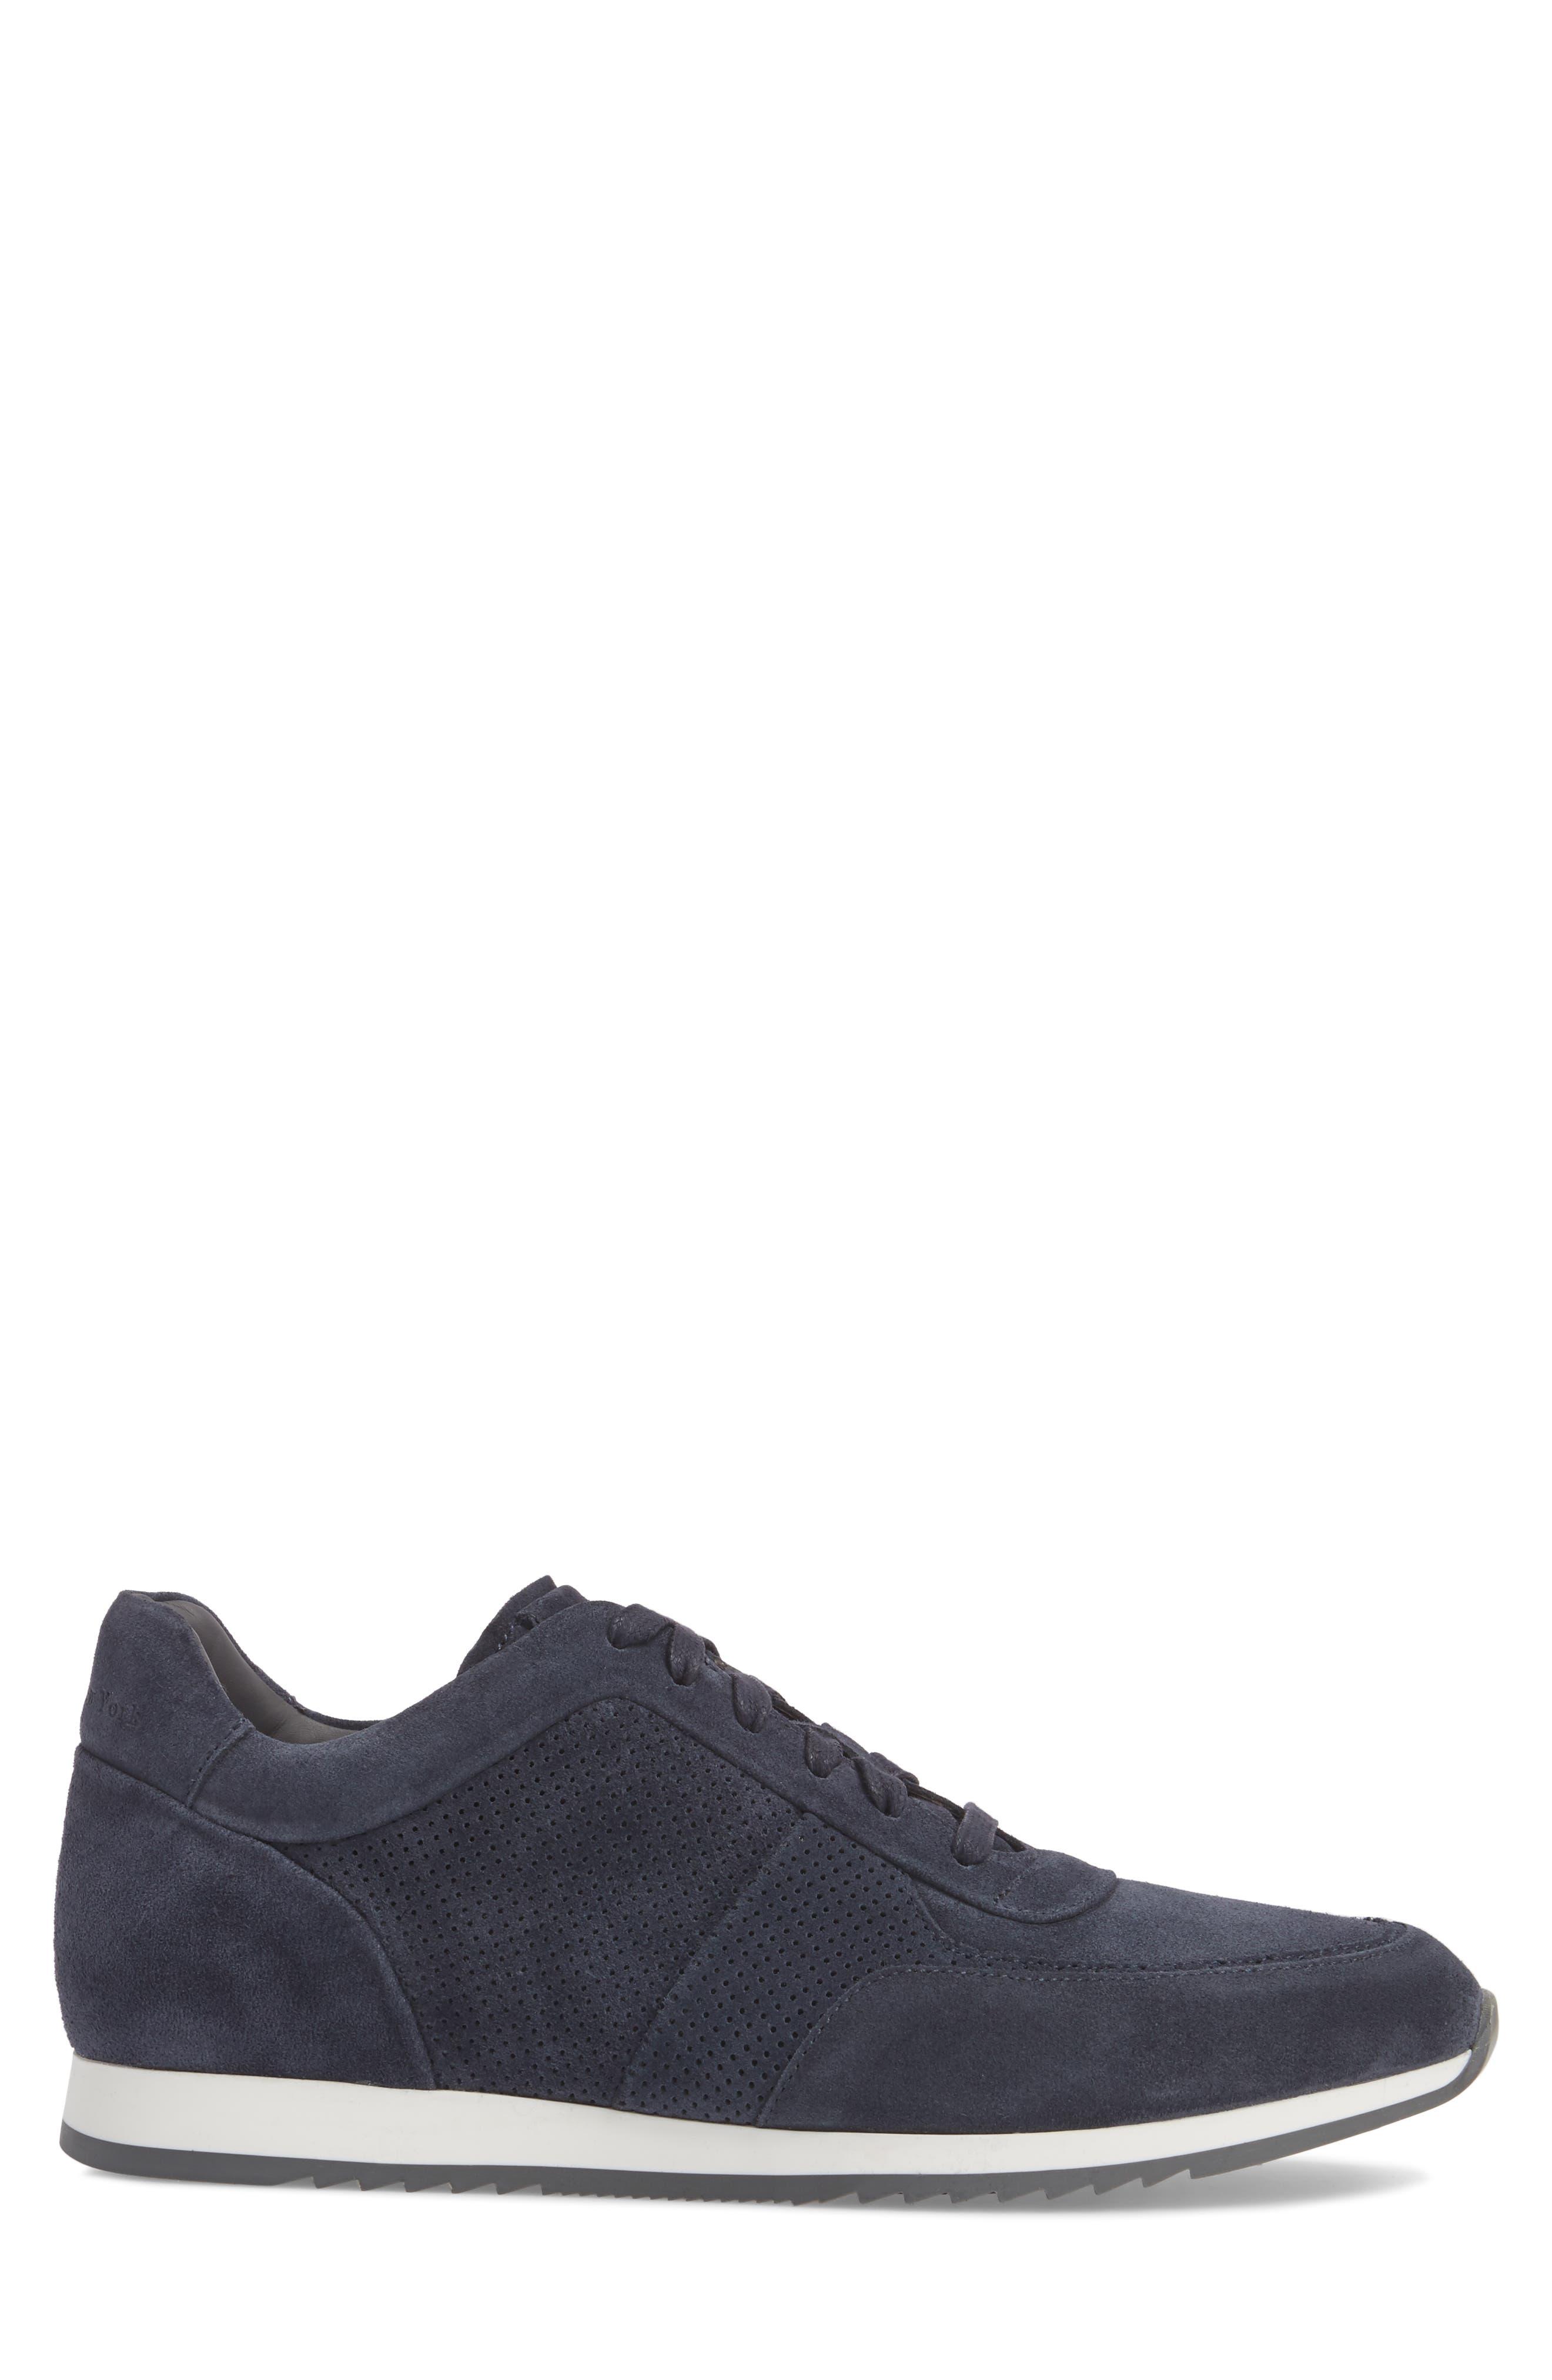 Fordham Low Top Sneaker,                             Alternate thumbnail 3, color,                             402